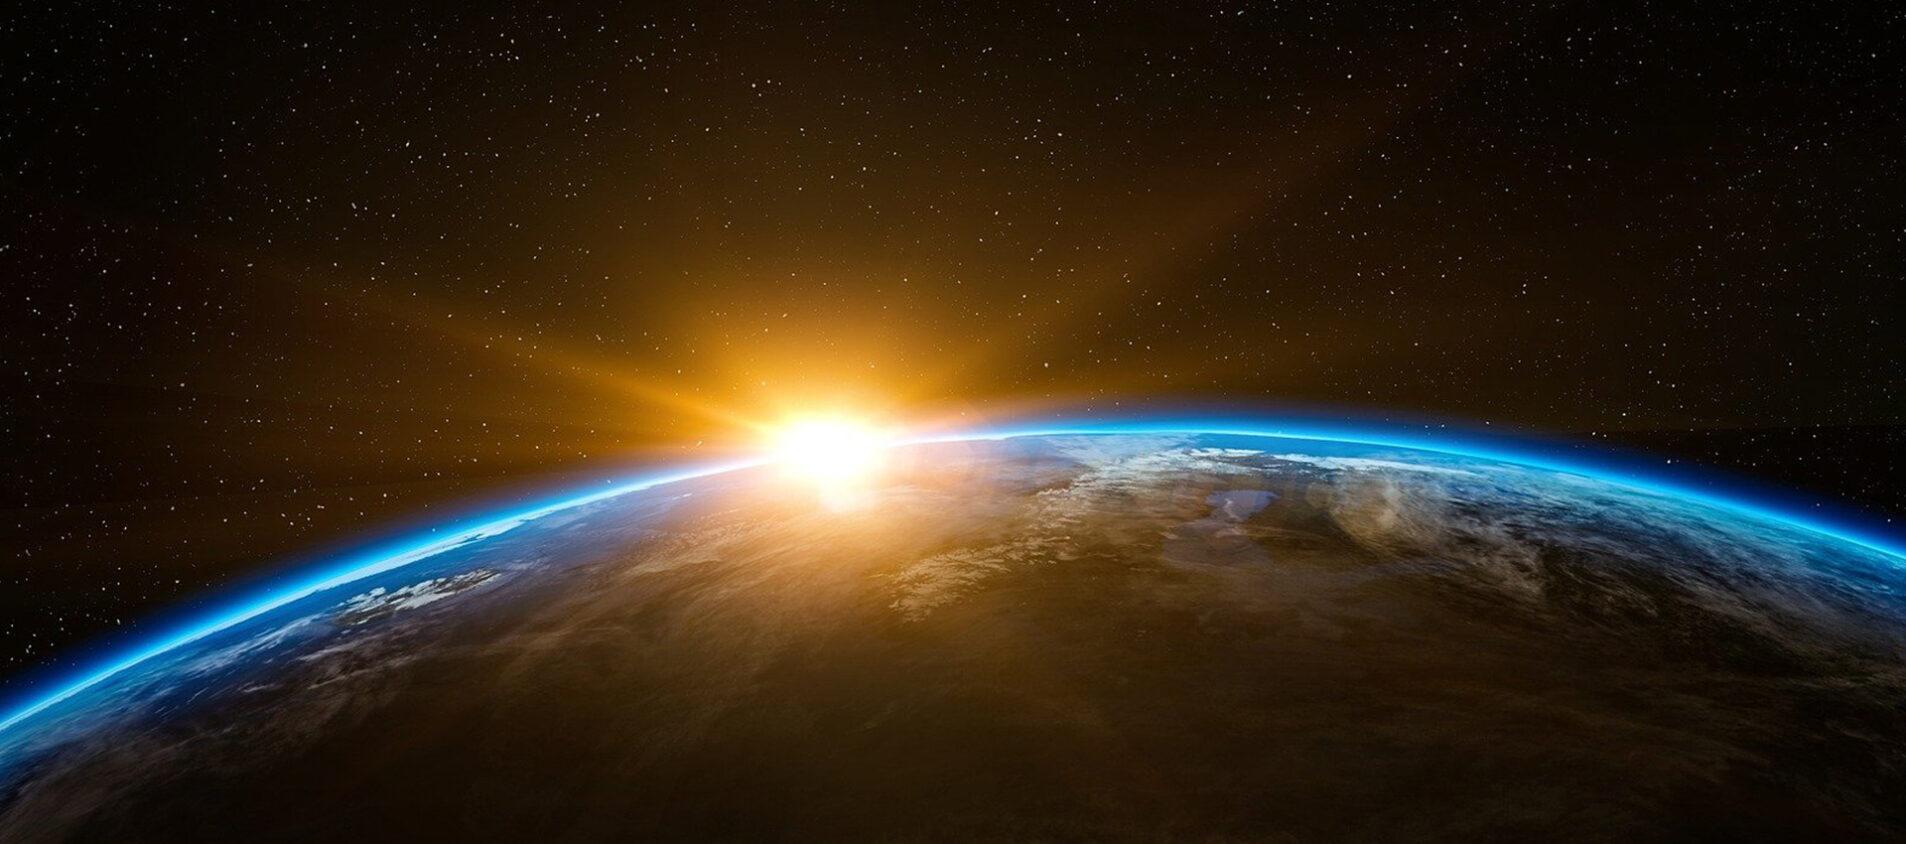 Klimatförändringar - Har jorden feber?